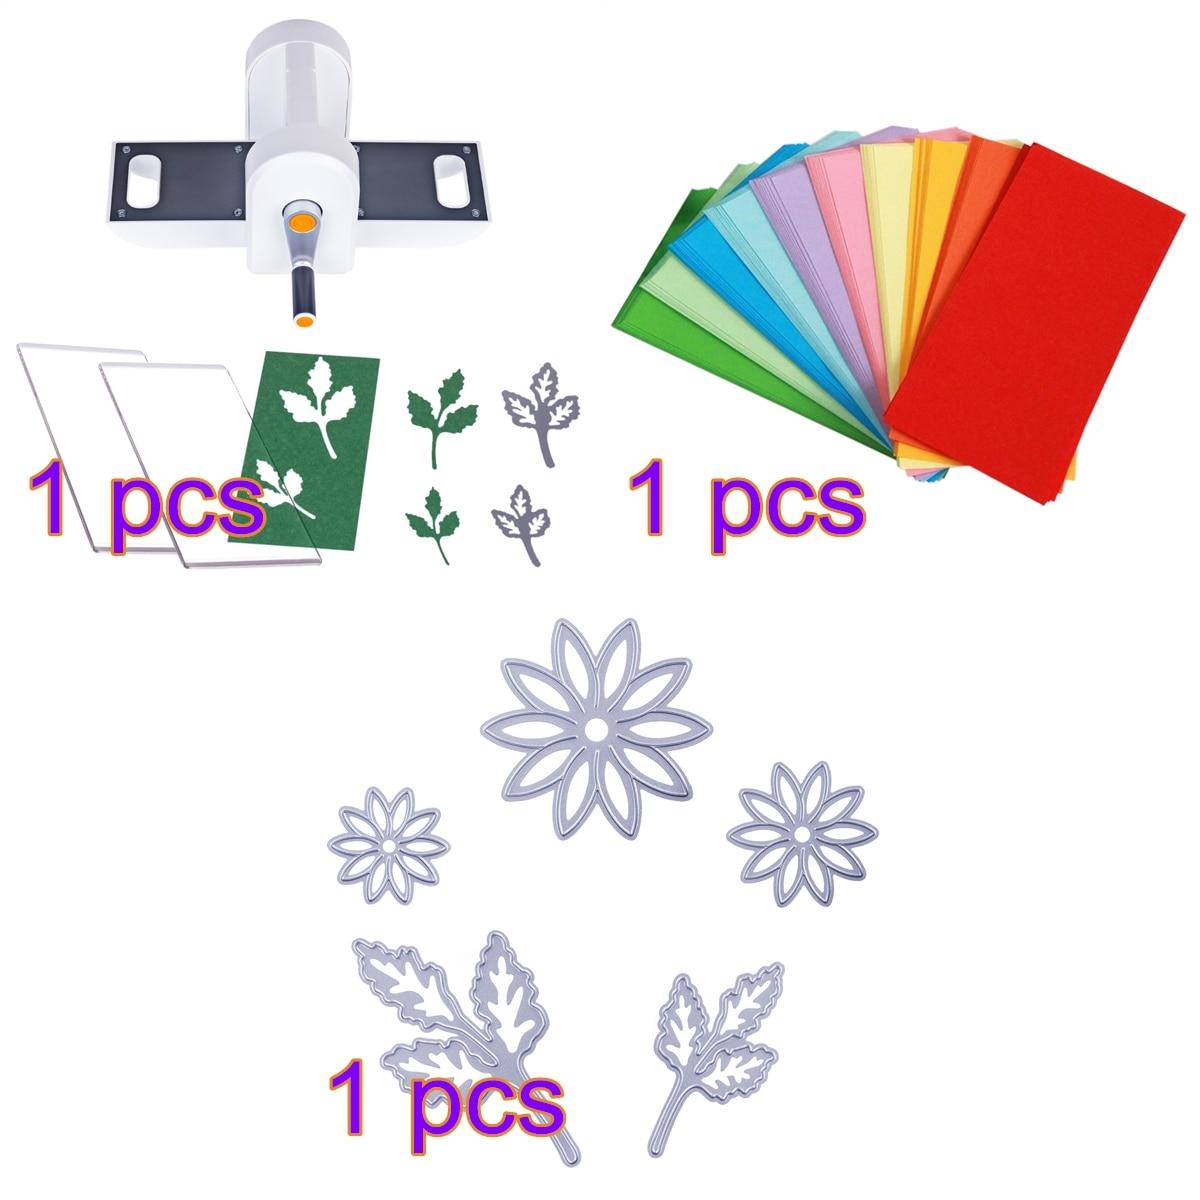 Bricolage découpe gaufrage Machine Scrabooking Alubm carte Cutter outil + 5 pièces bricolage coupe moule + 200 feuilles pliage papier